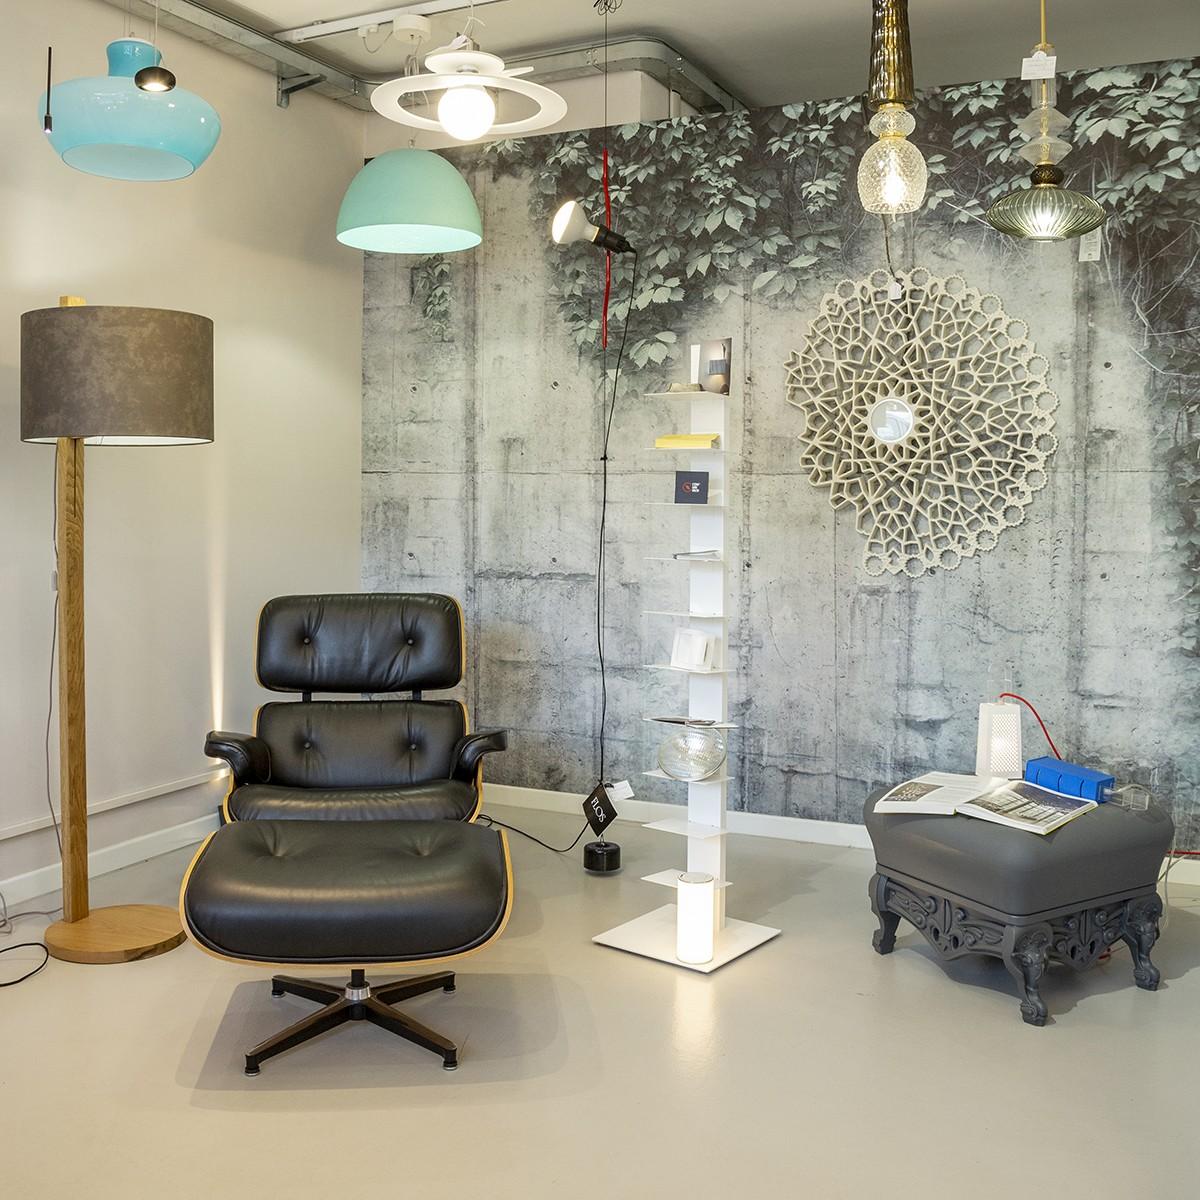 Gli showroom di Veglio dove vedere dal vivo lampadari, plafoniere e tutto il meglio dell'illuminazione Torino